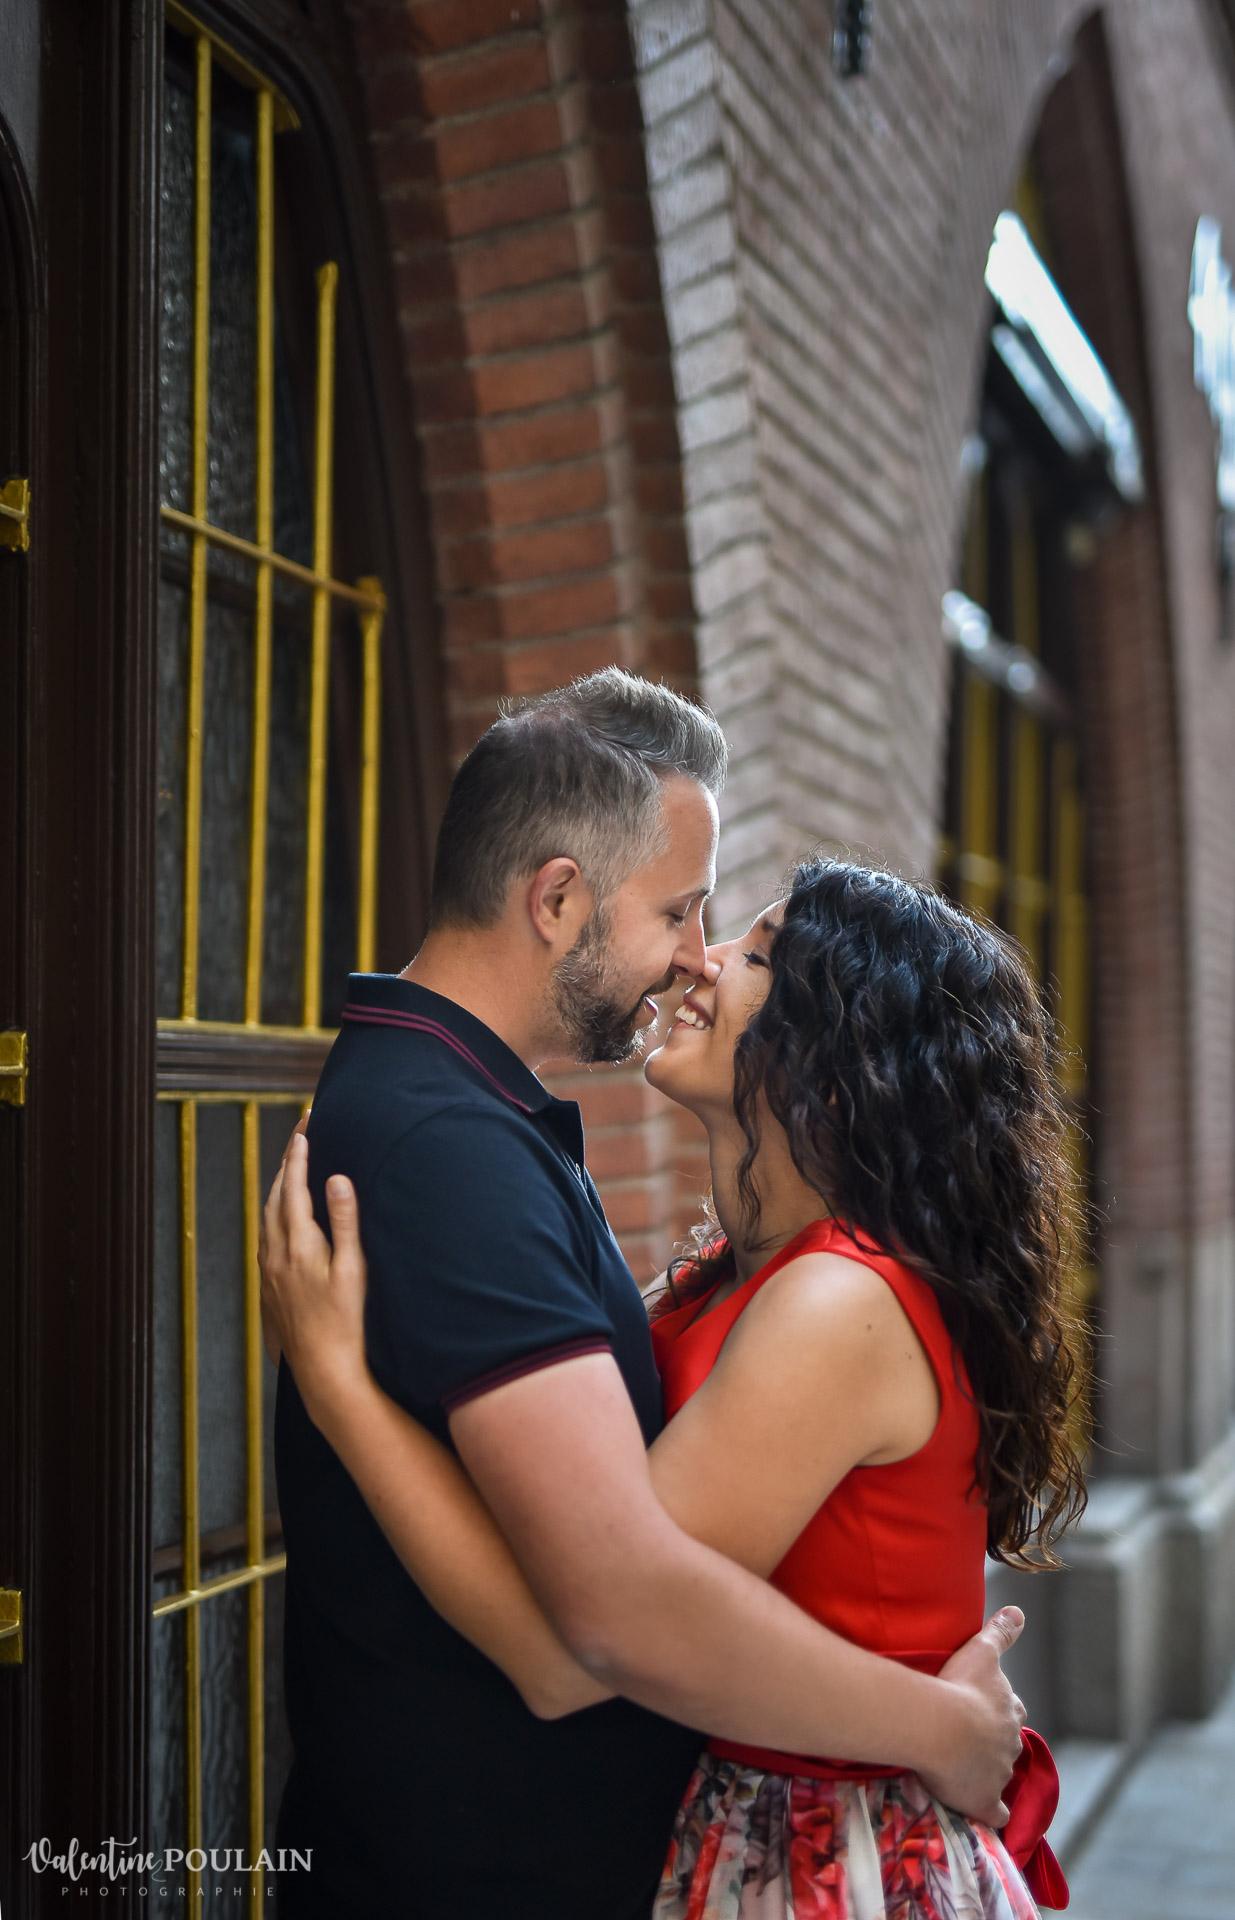 Séance photo couple Barcelone - Valentine Poulain complices